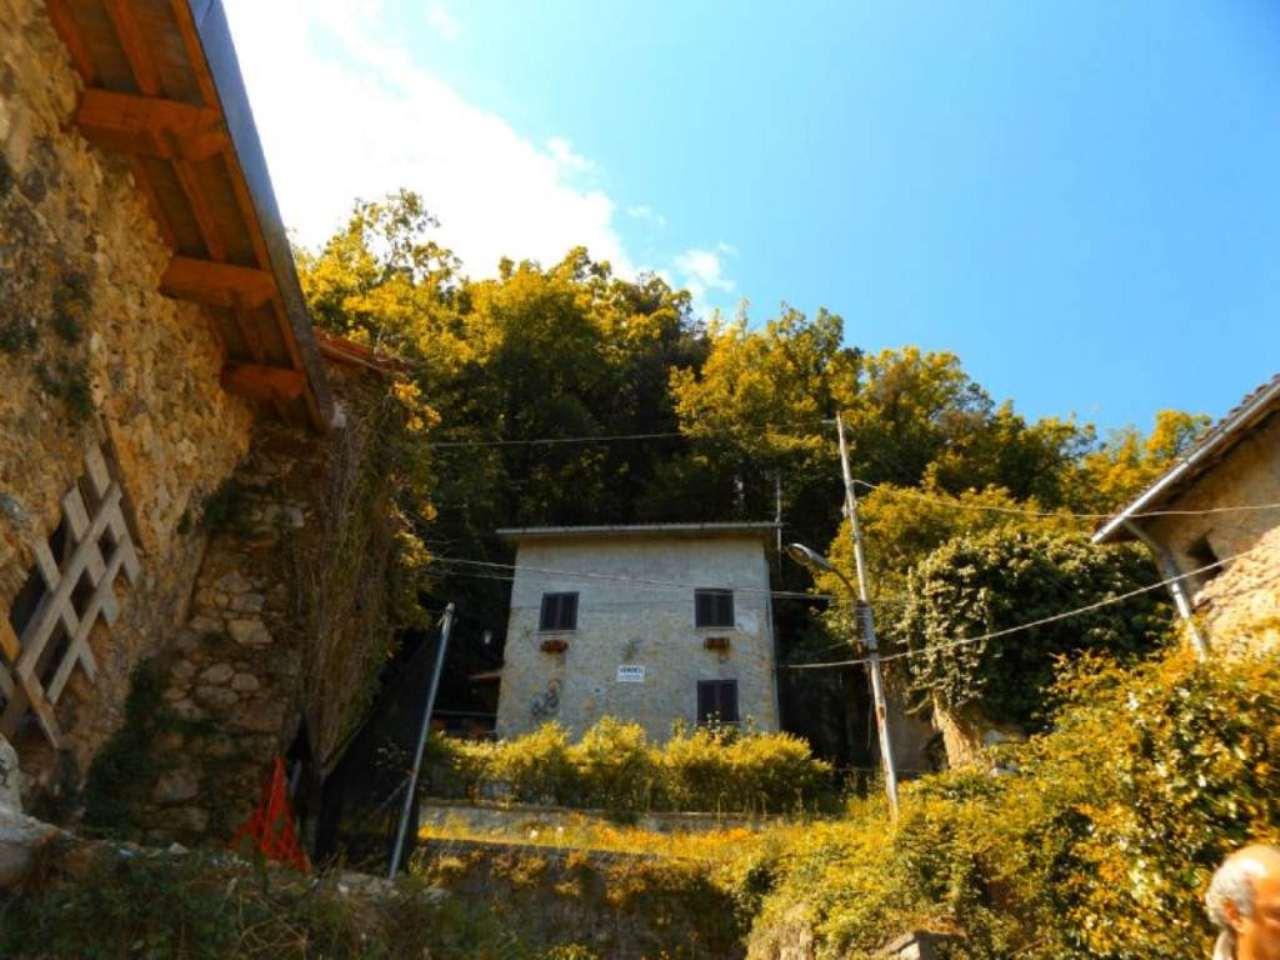 Villa in vendita a Anticoli Corrado, 4 locali, prezzo € 78.000 | Cambio Casa.it